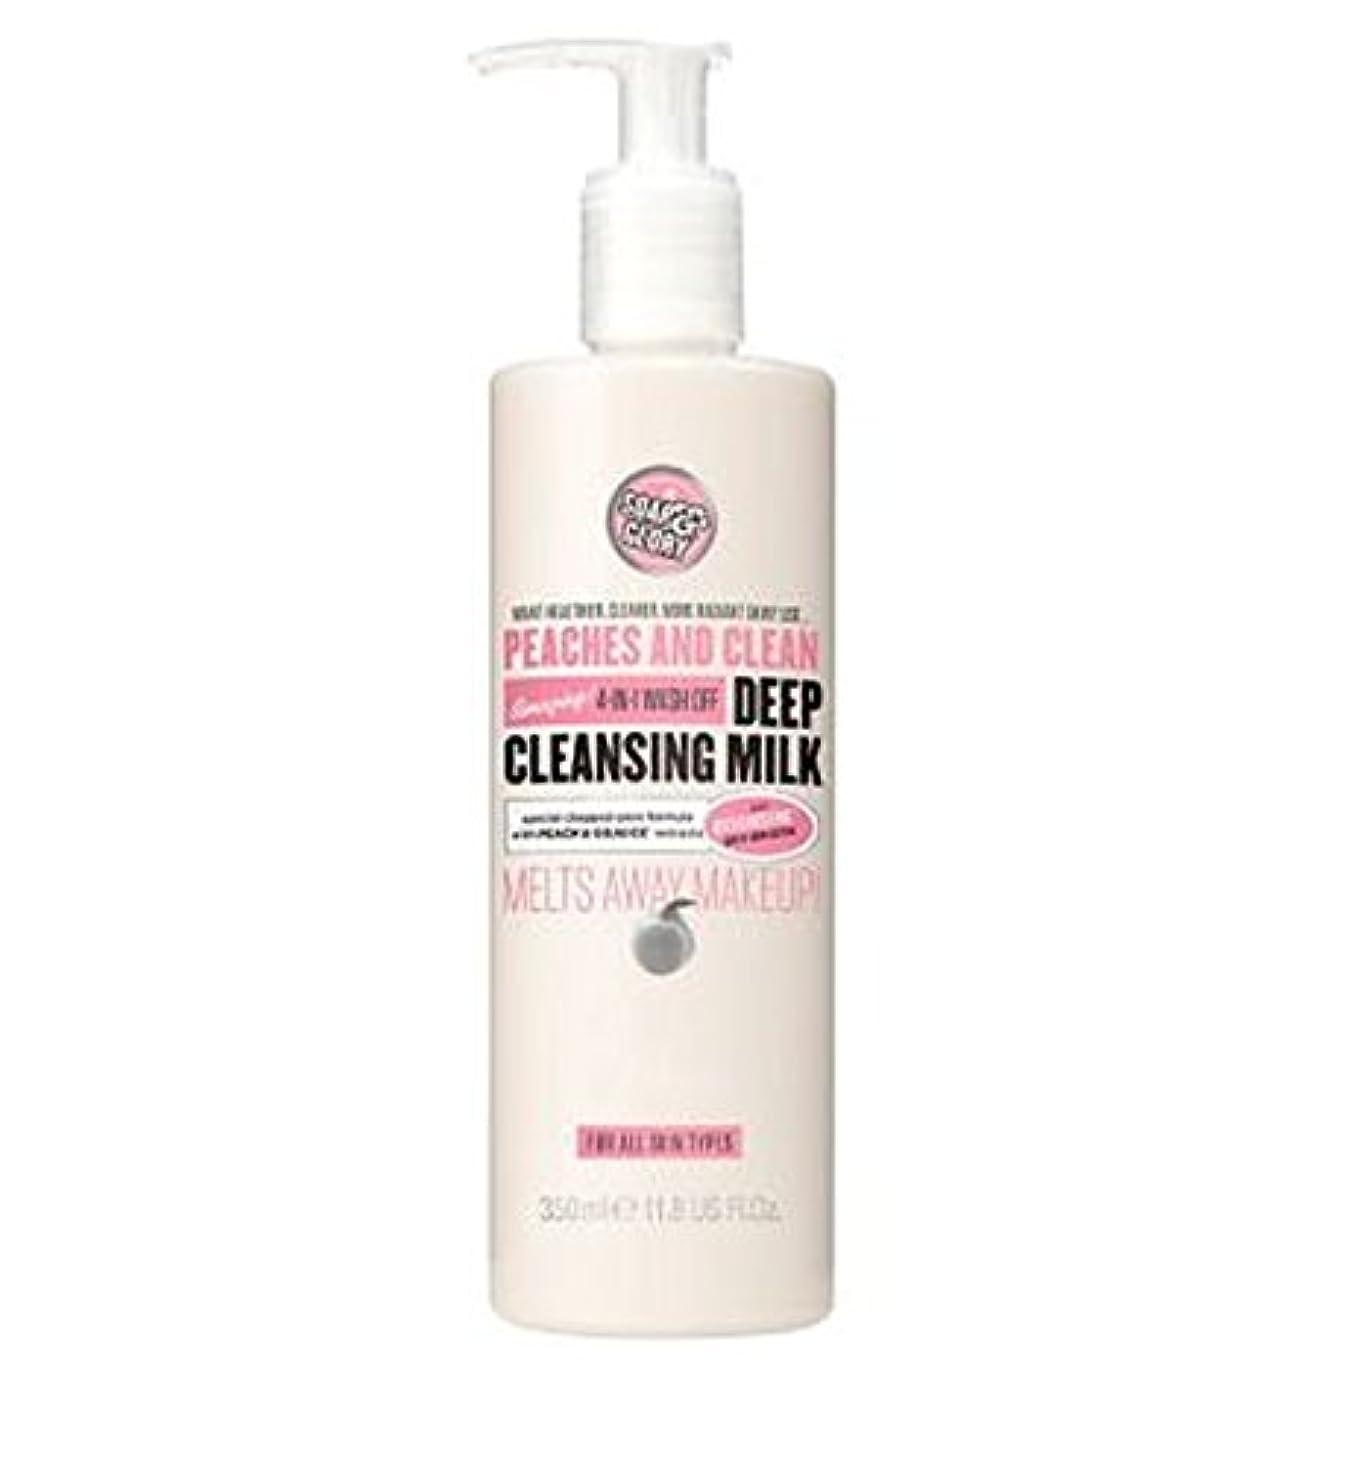 切る途方もない高めるPEACHES AND CLEAN? Deep Cleansing Milk 350ml - 桃やクリーン?ディープクレンジングミルク350ミリリットル (Soap & Glory) [並行輸入品]